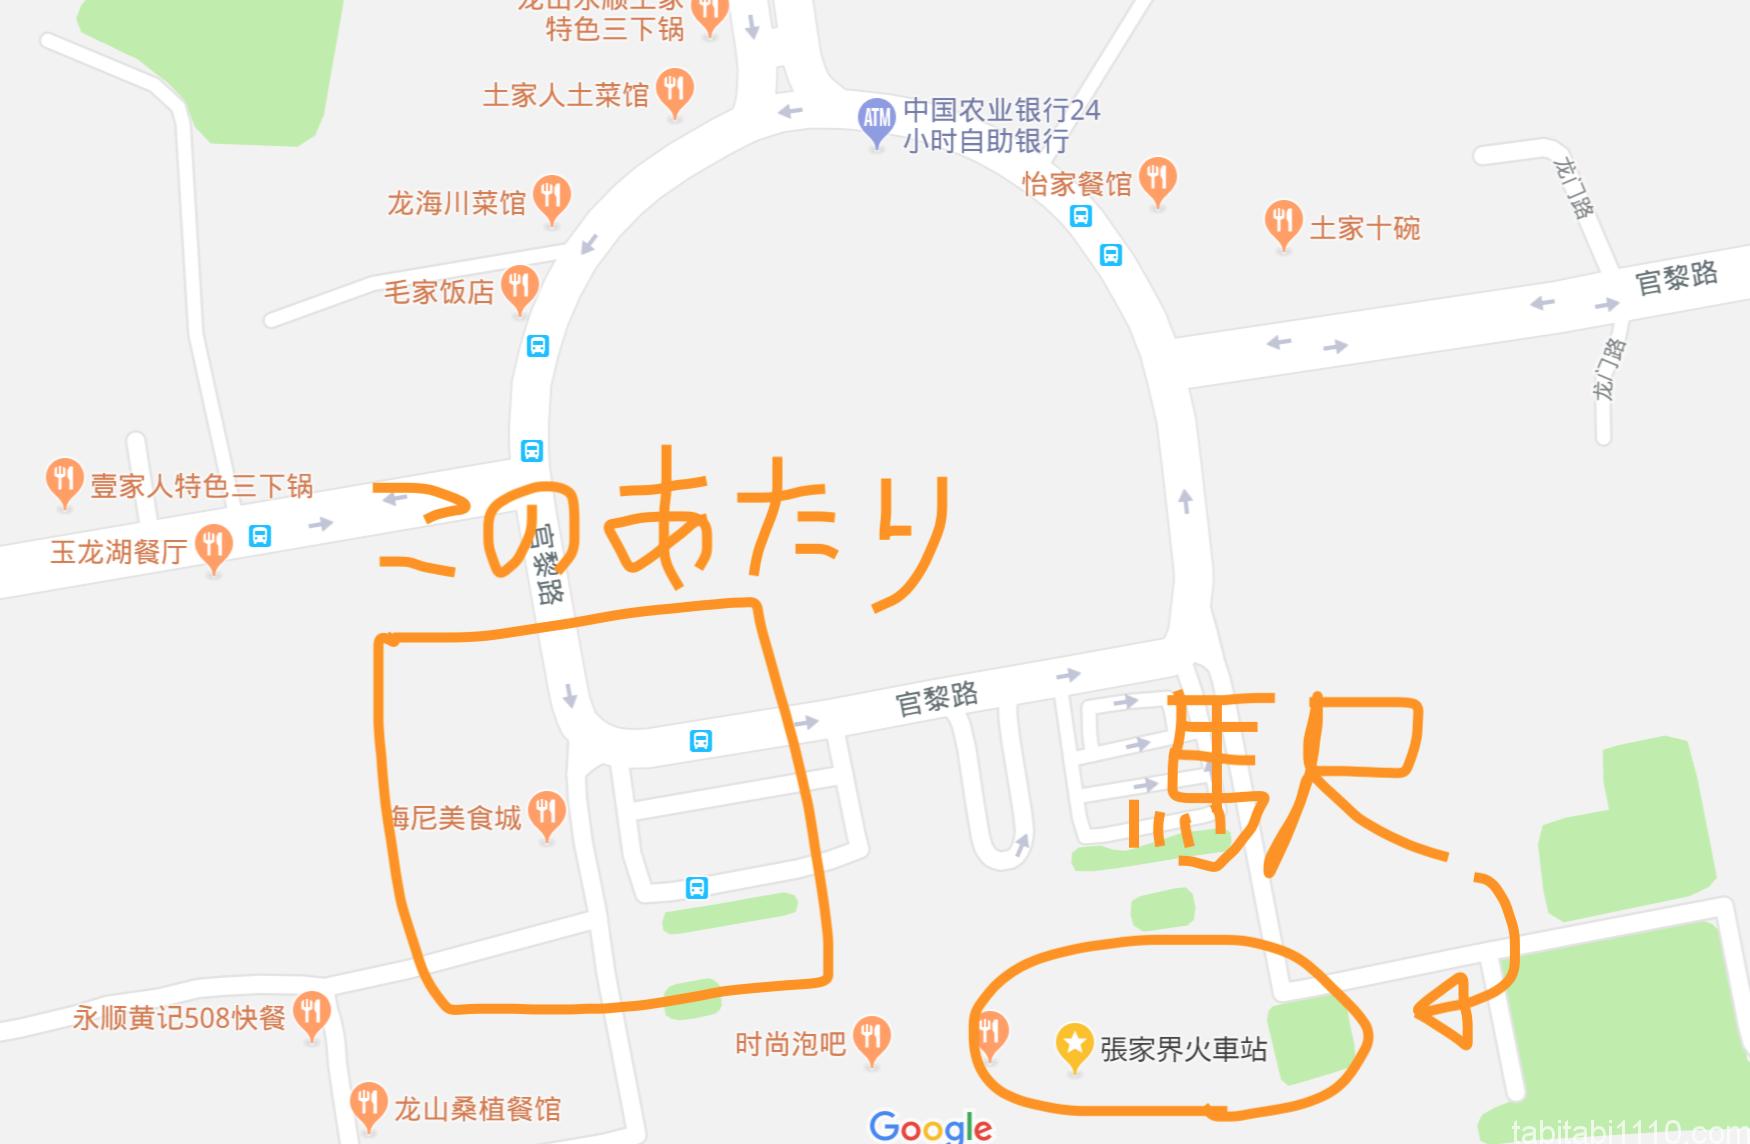 武陵源の行き方|張家界バスターミナルの場所